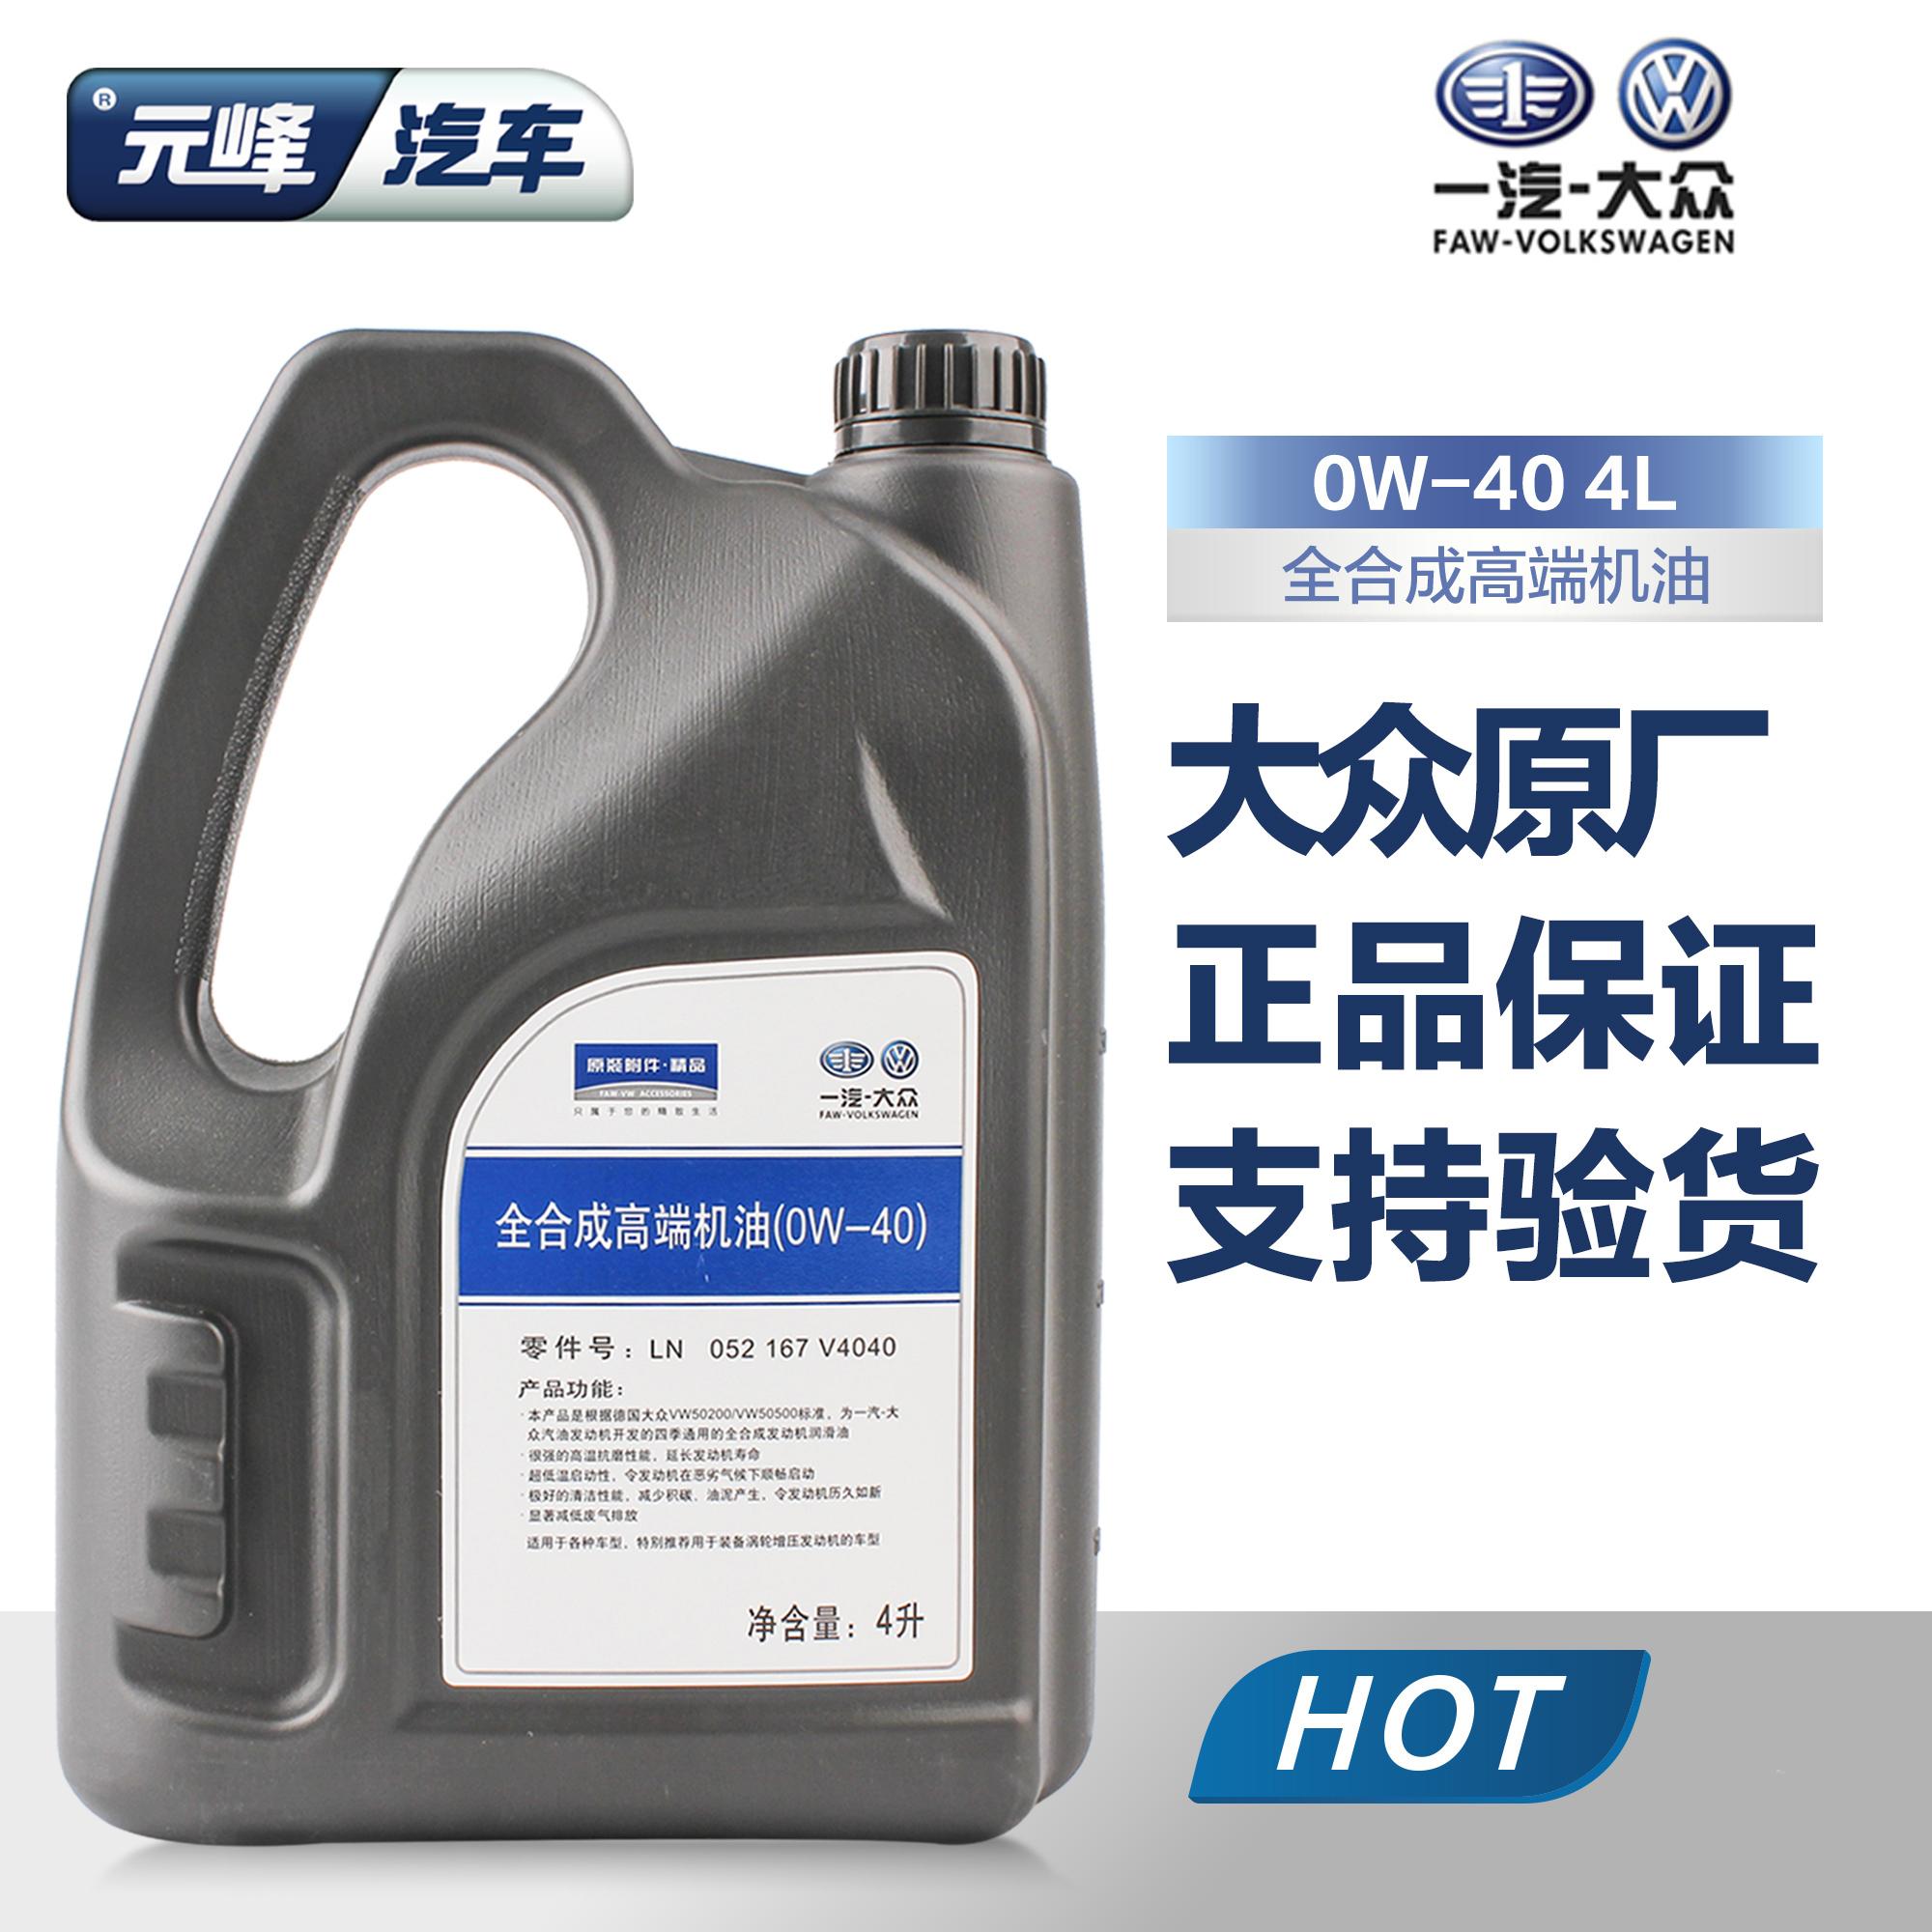 一汽大众迈腾速腾原厂全合成机油汽车原装0w-40大众专用机油正品